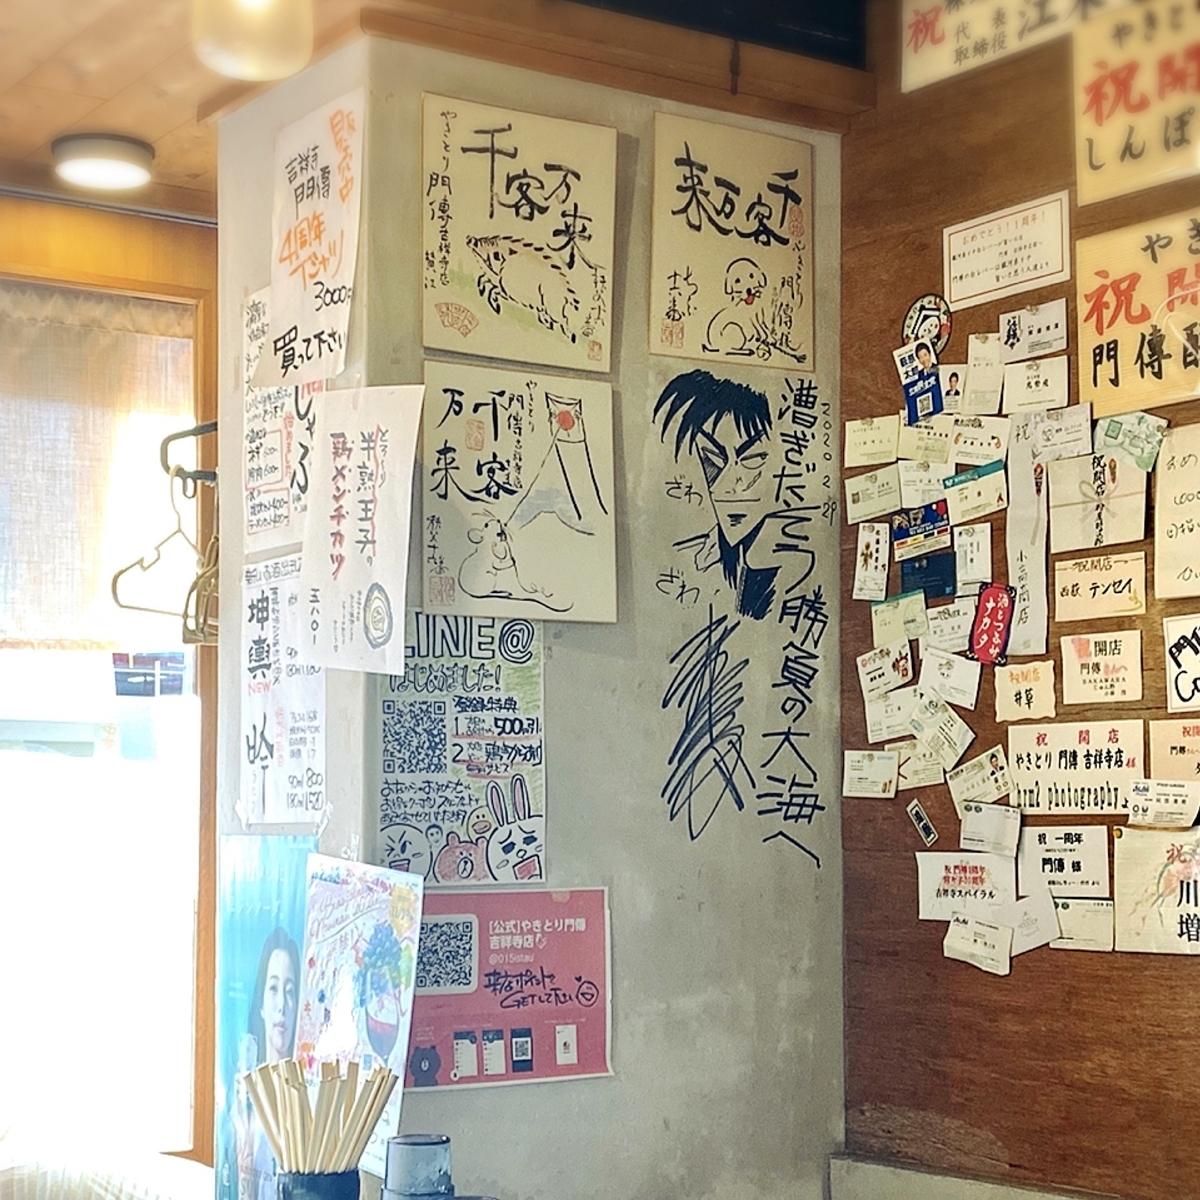 中華そば 海 KAIの店内雰囲気写真